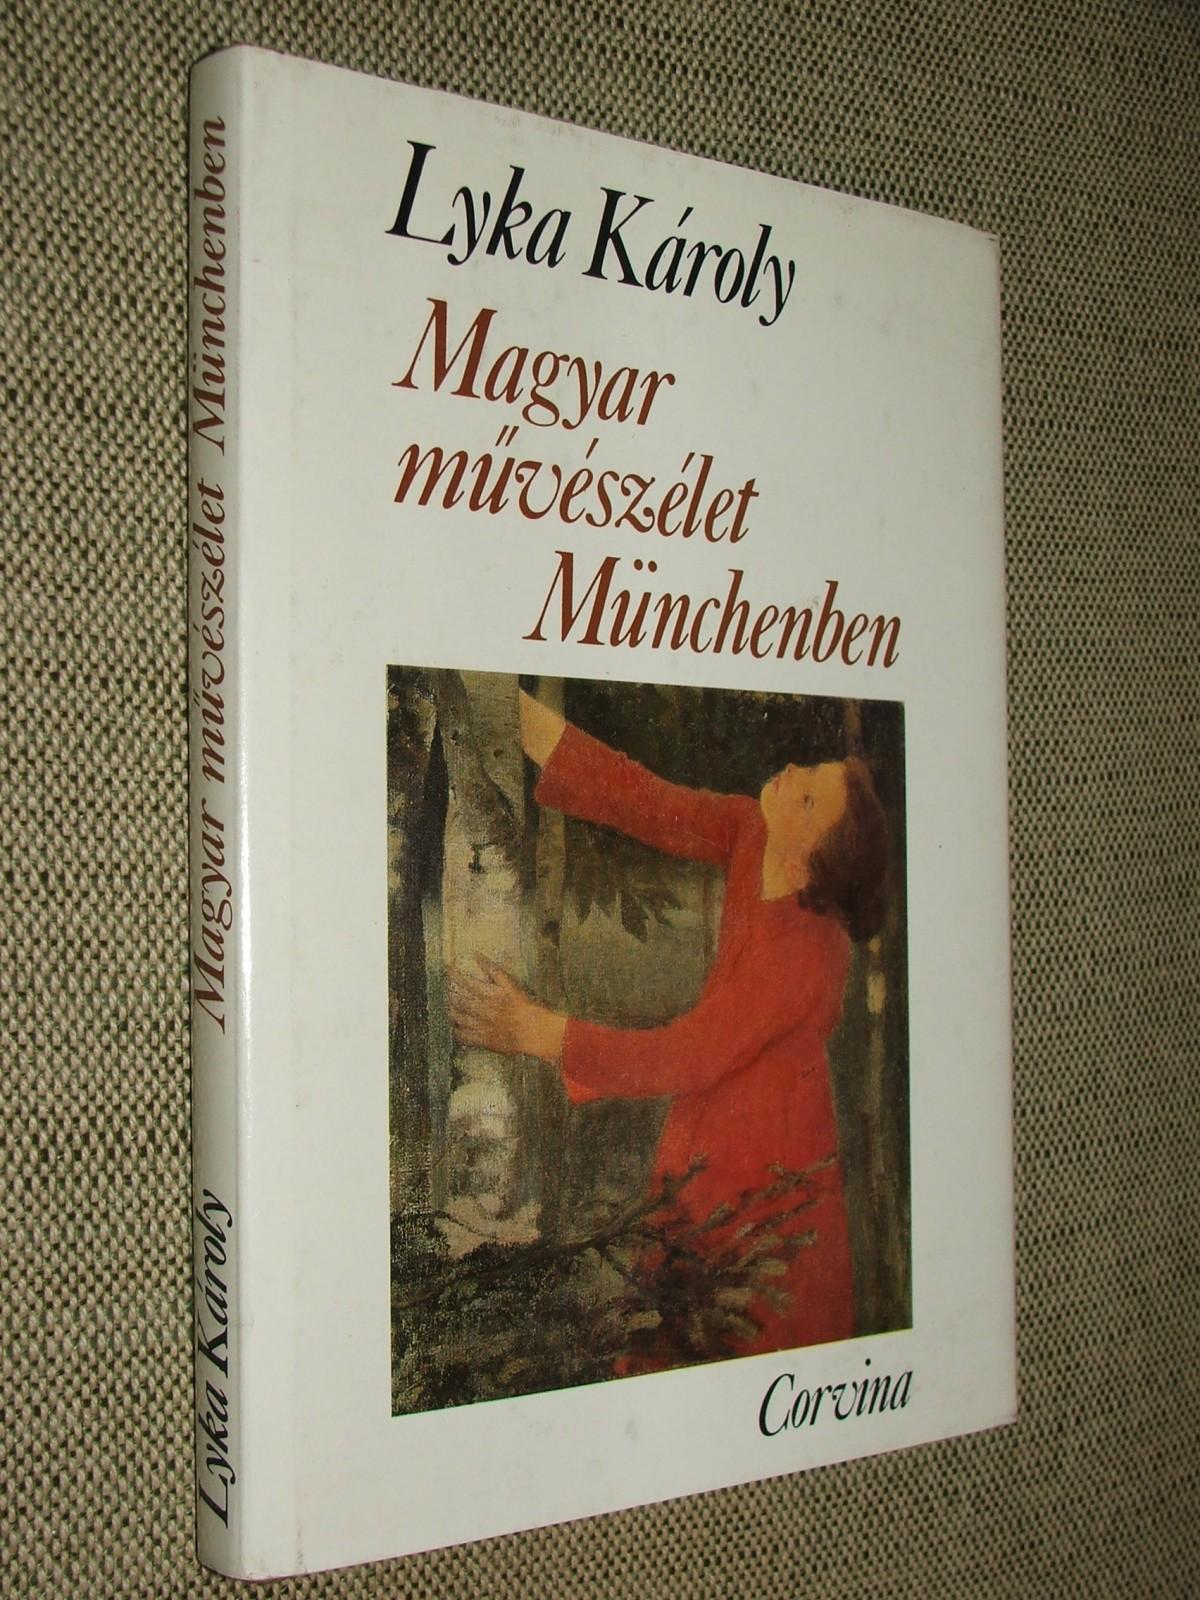 LYKA Károly: Magyar művészélet Münchenben